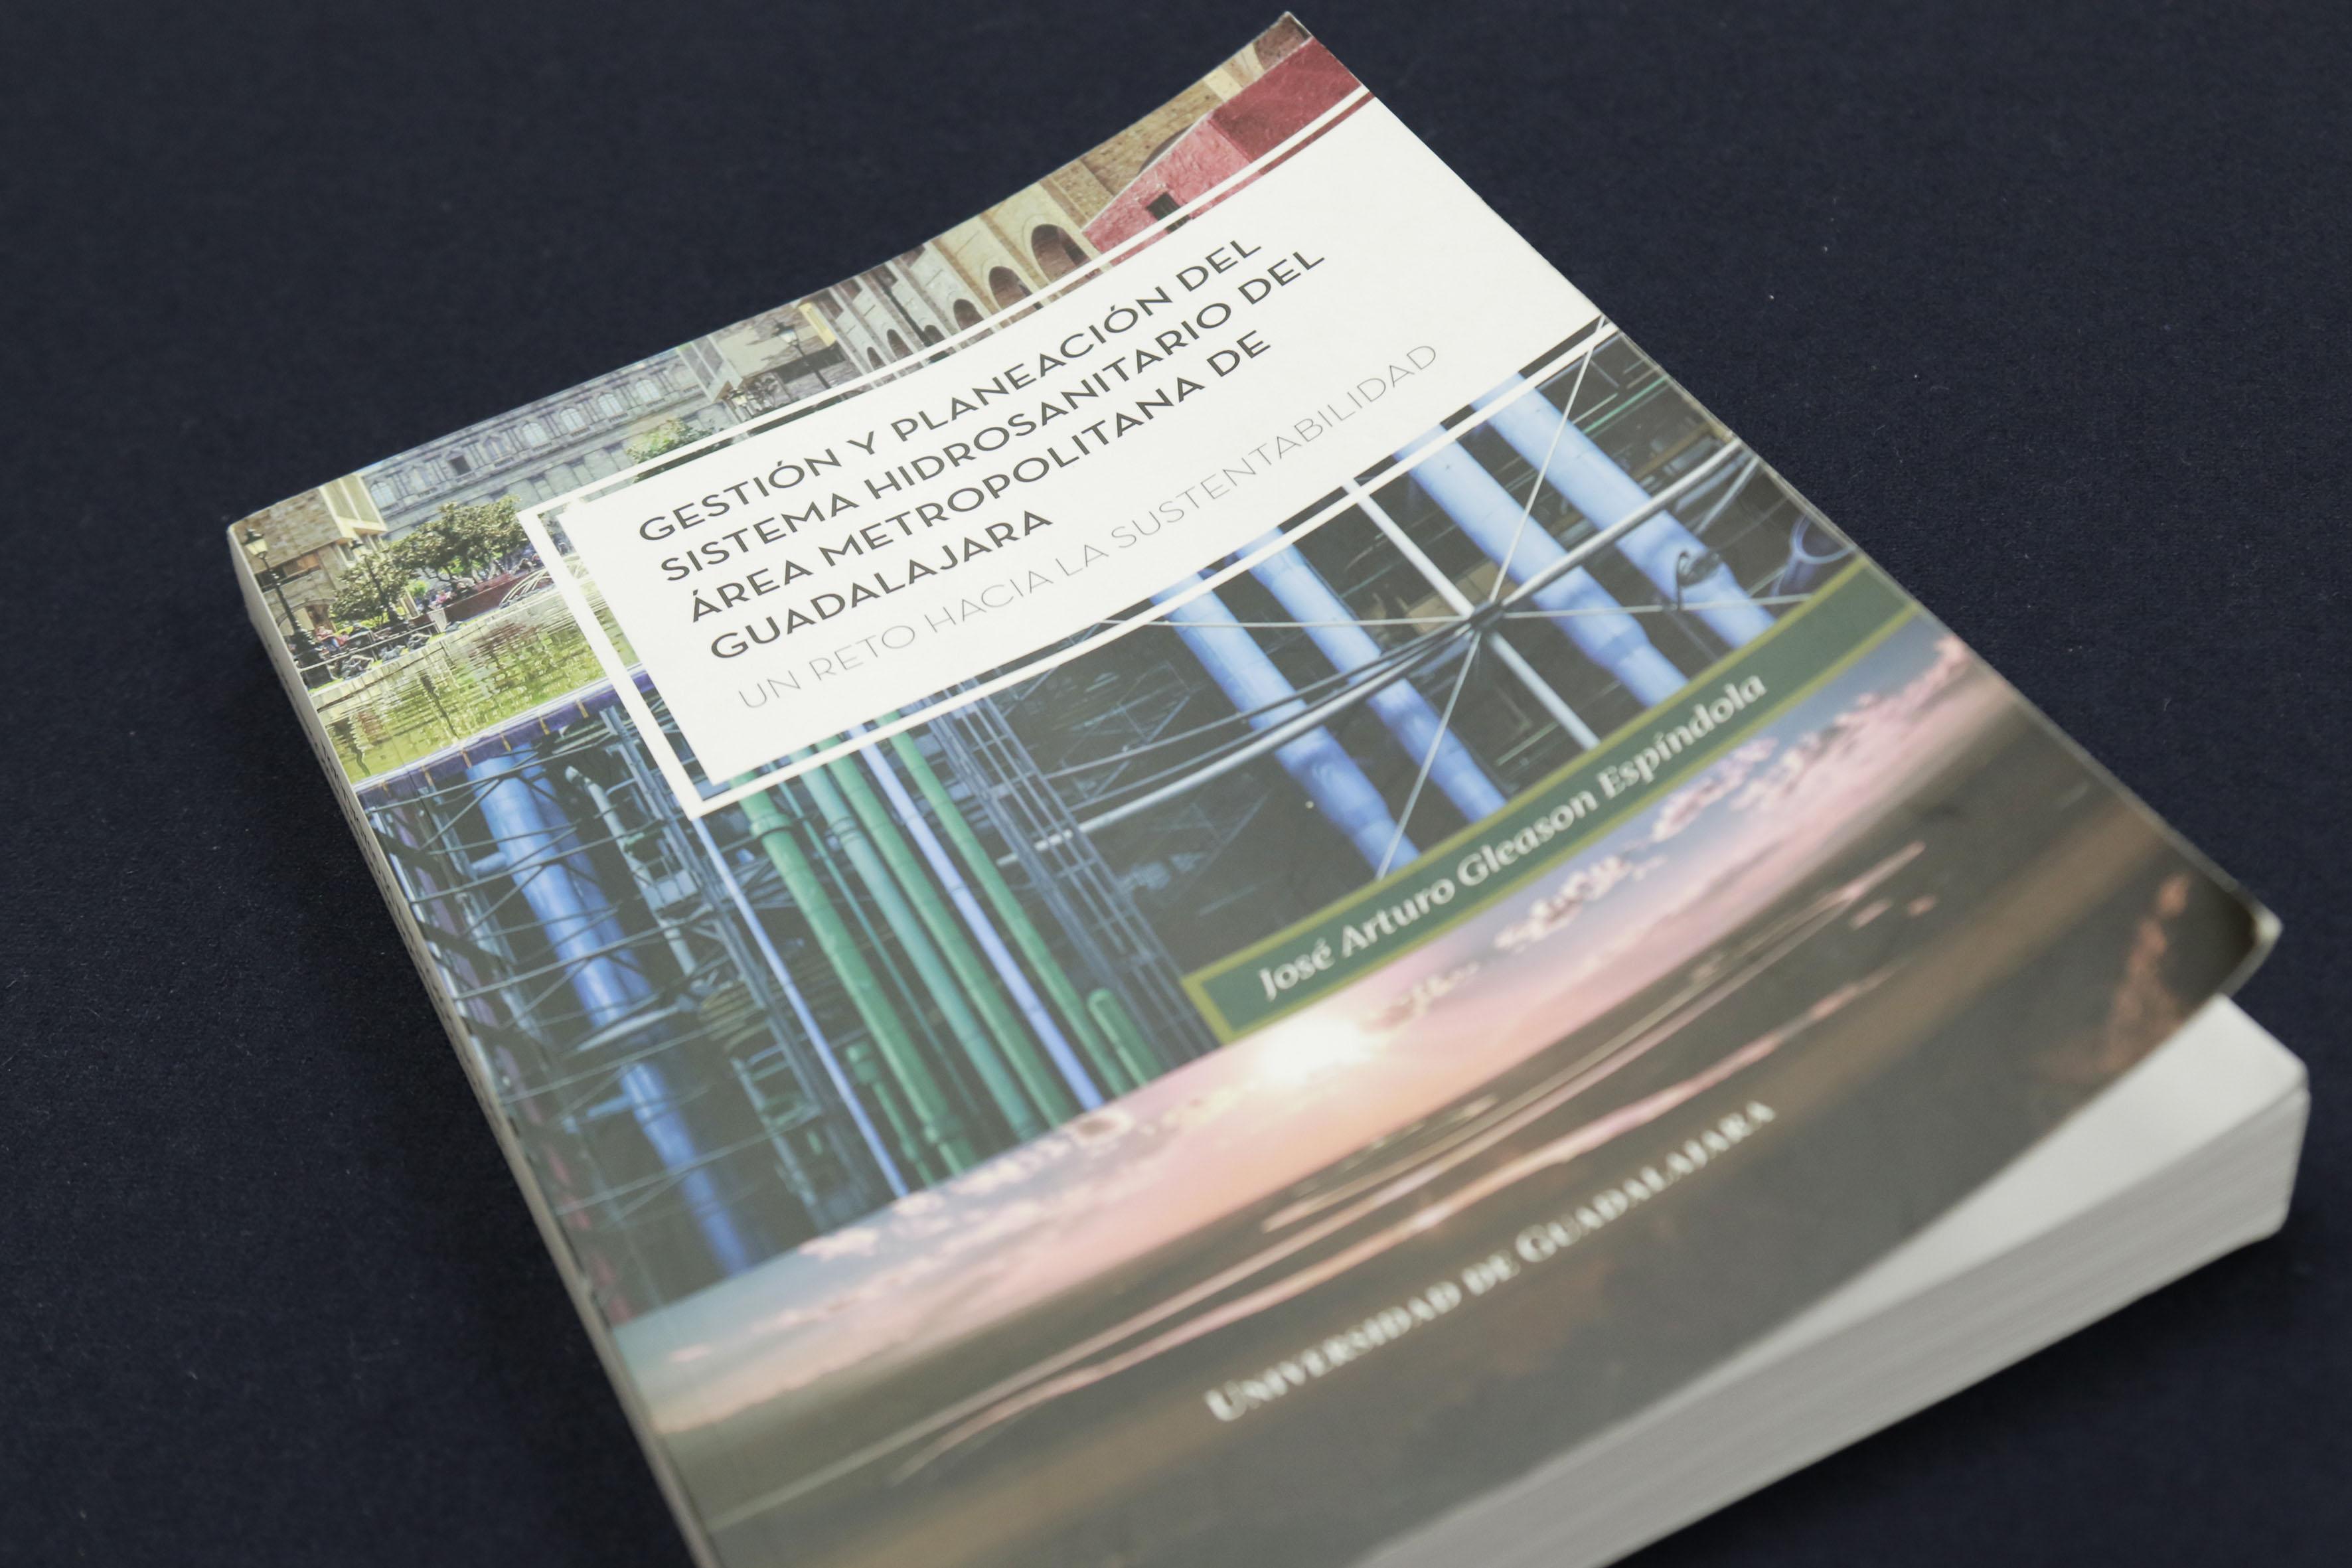 """Portada del libro """" Gestión y planeación del sistema hidrosanitario del área metropolitana de Guadalajara"""""""